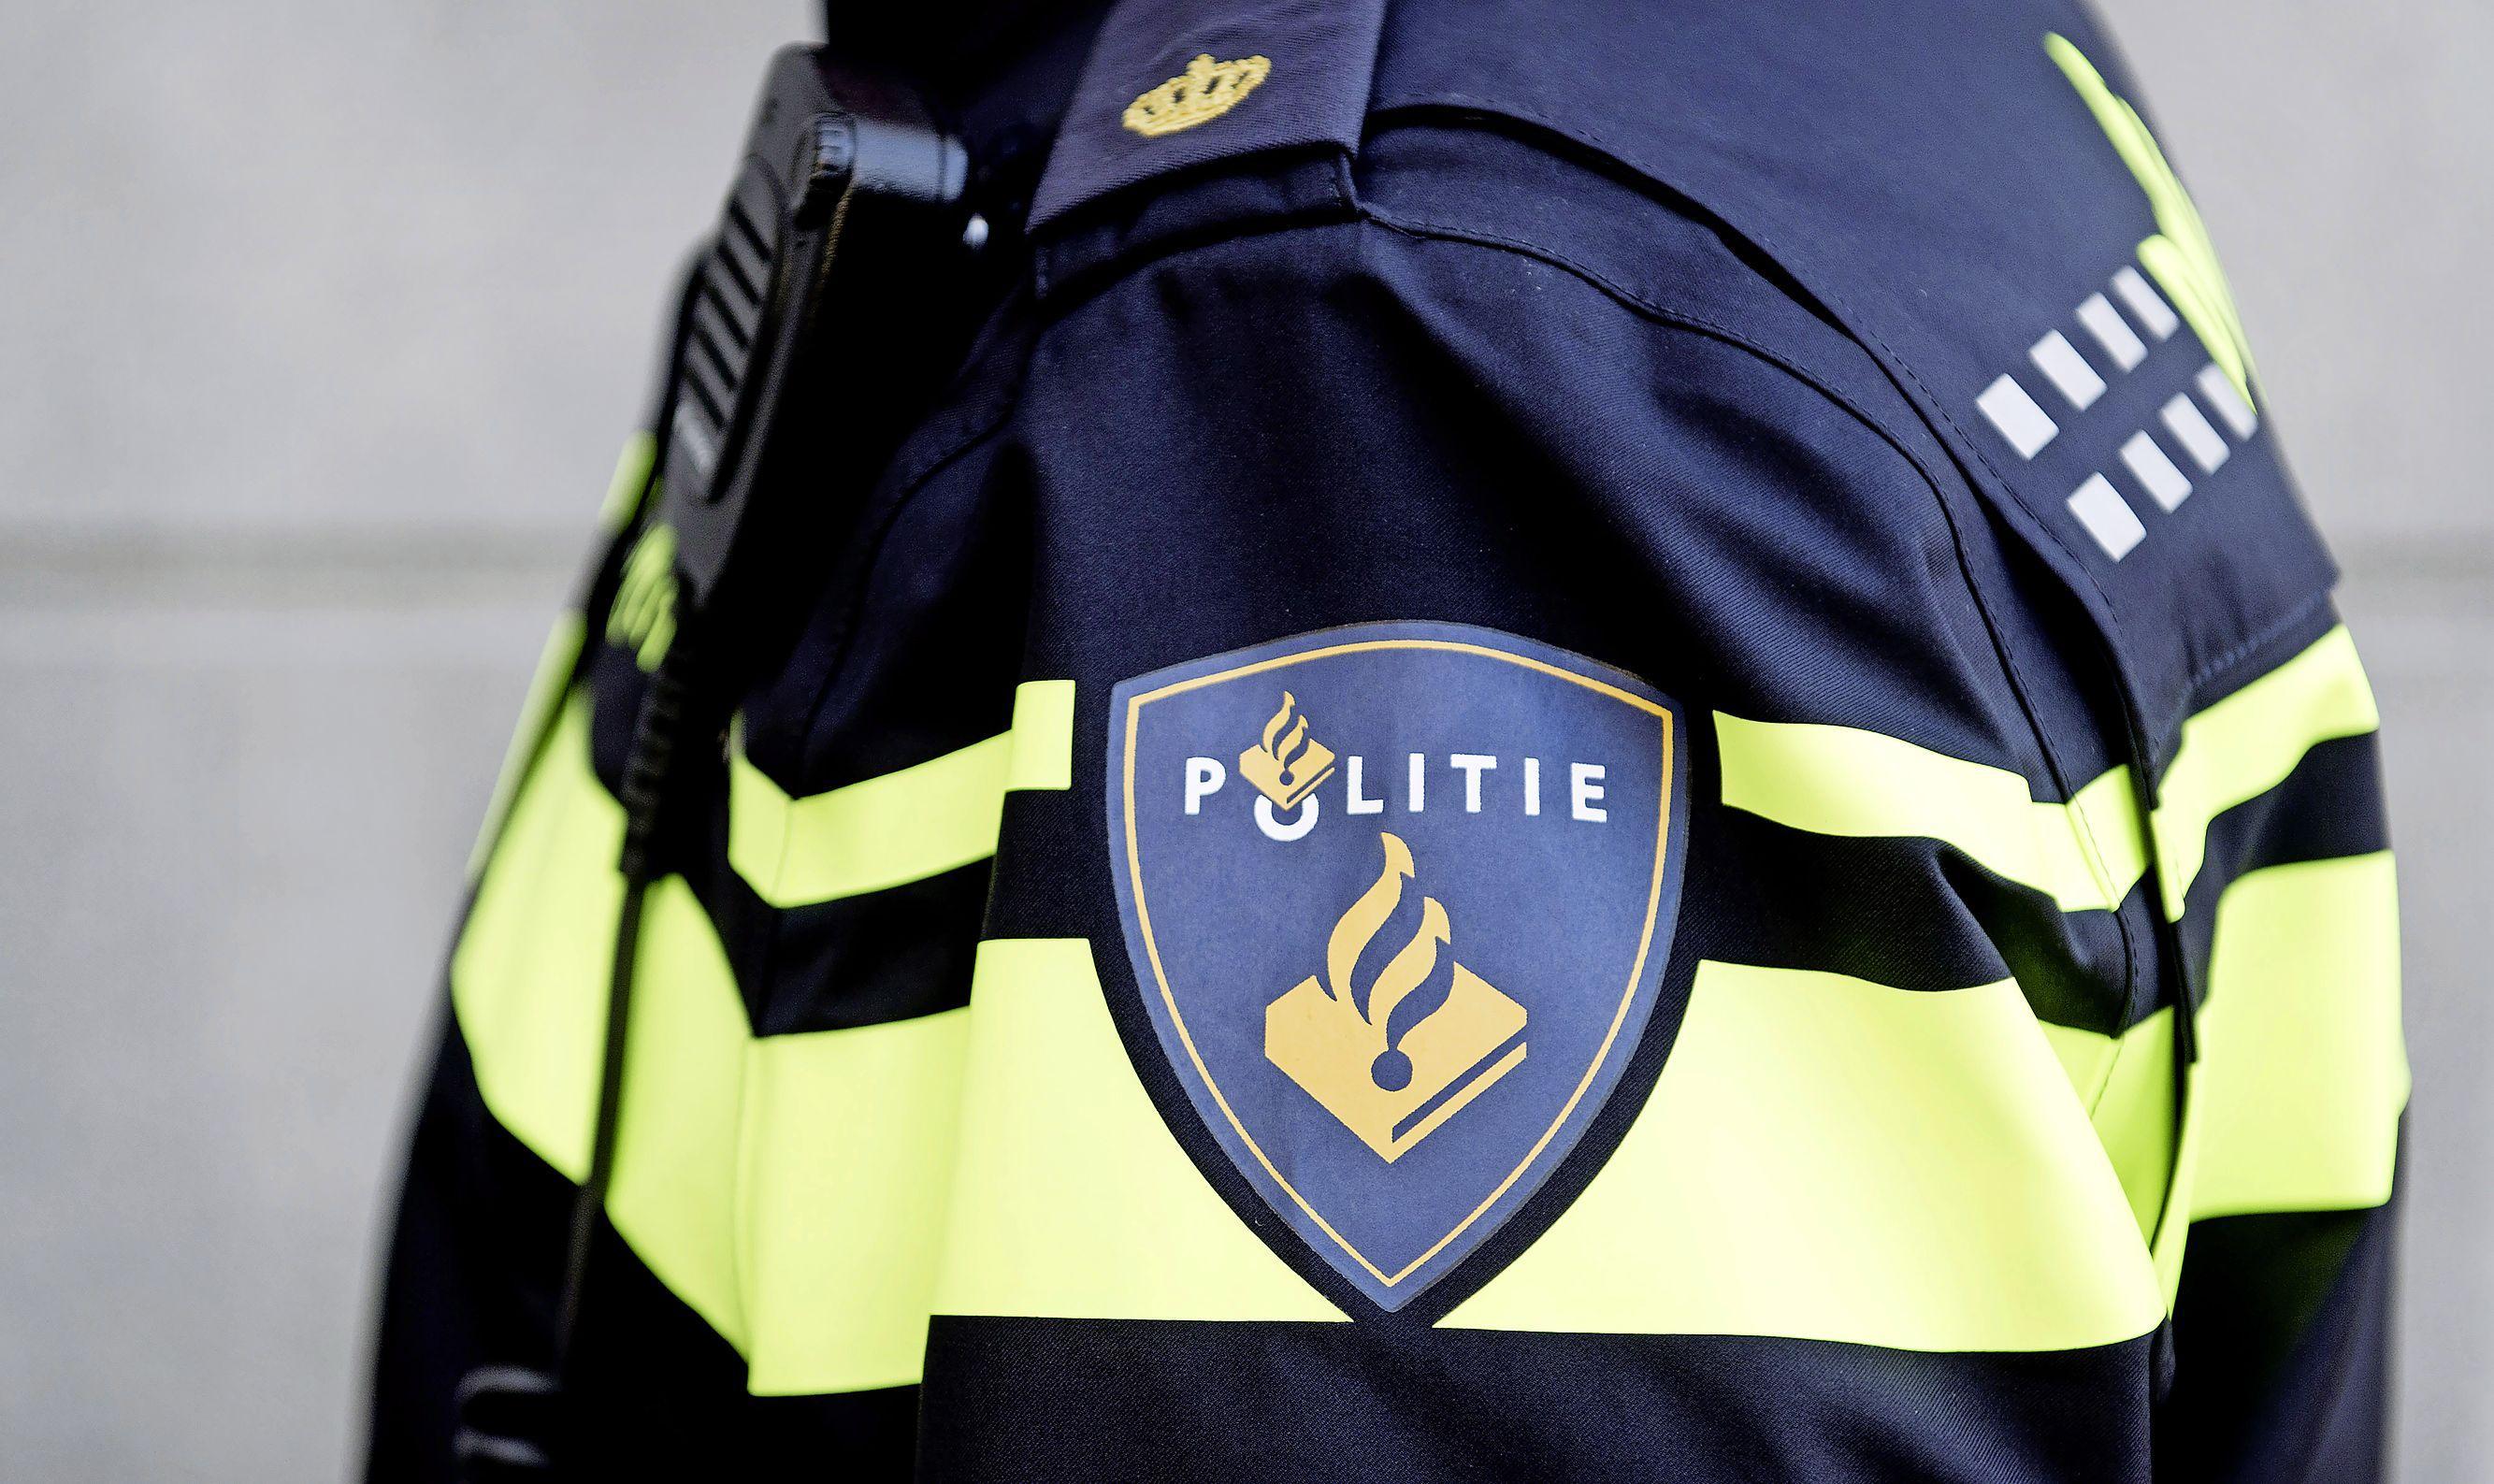 Politie Alphen plukt snelheidsmaniak van de weg voor 'gesprekje' na dollemansrit: 91 km/u in de bebouwde kom